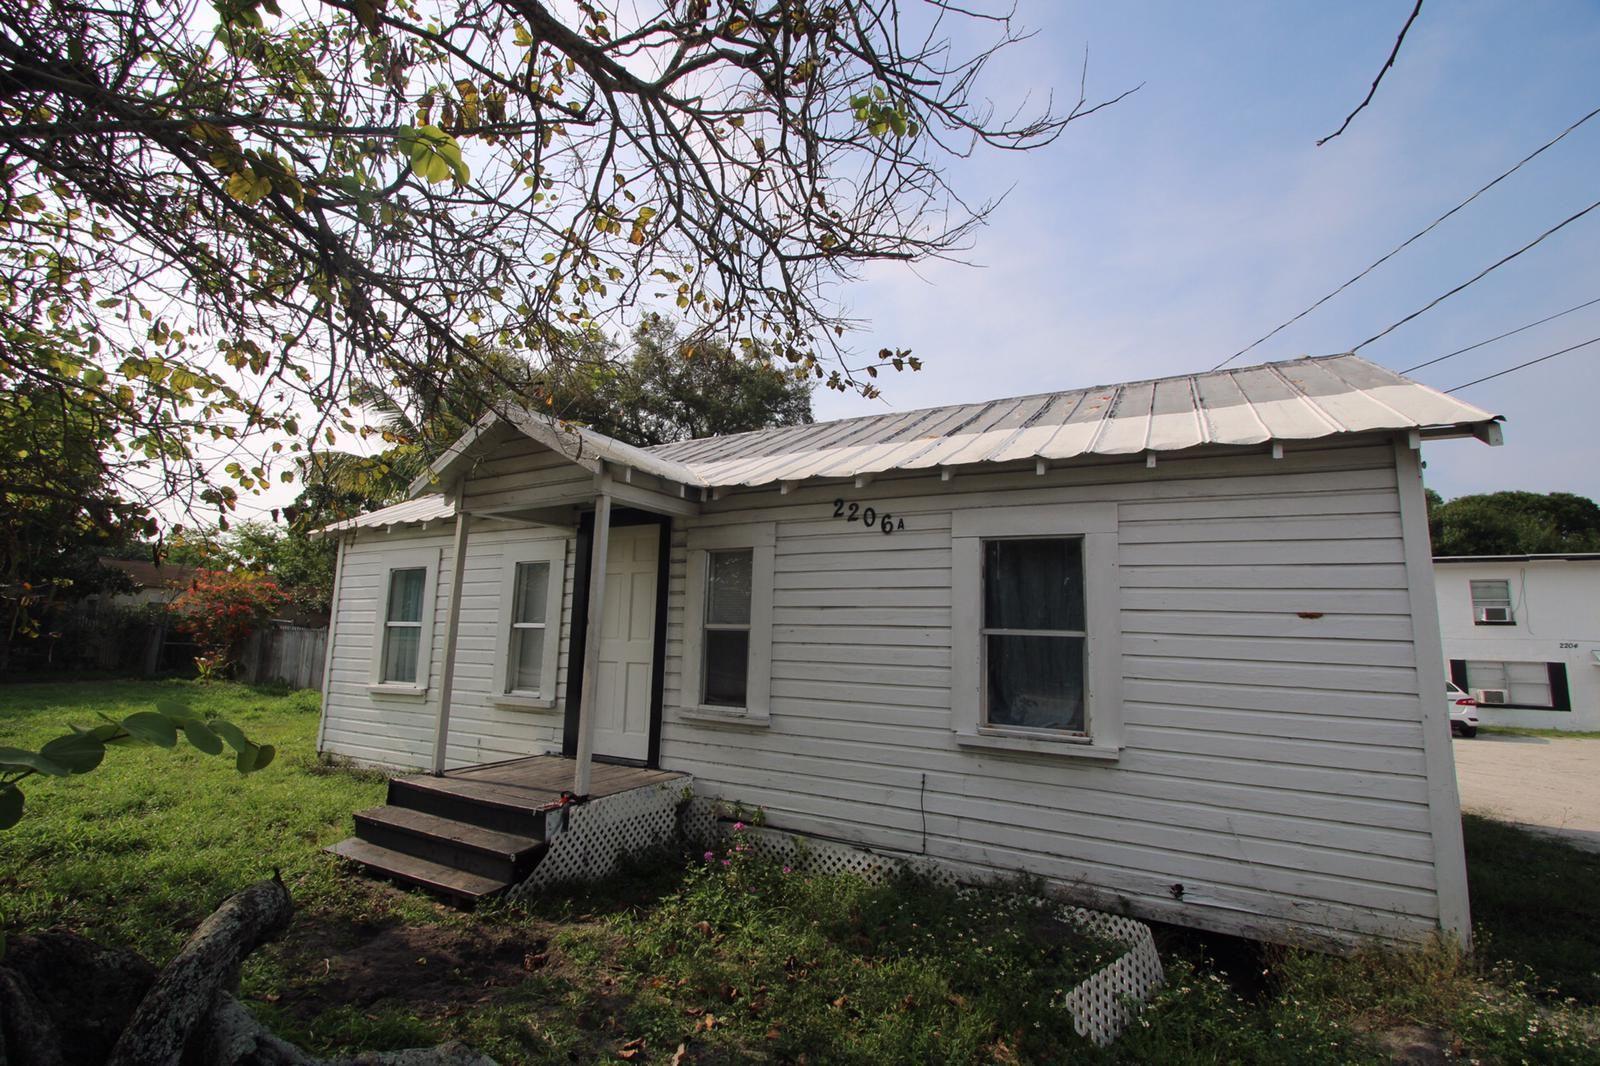 2206 Delaware Ave, Fort Pierce, FL